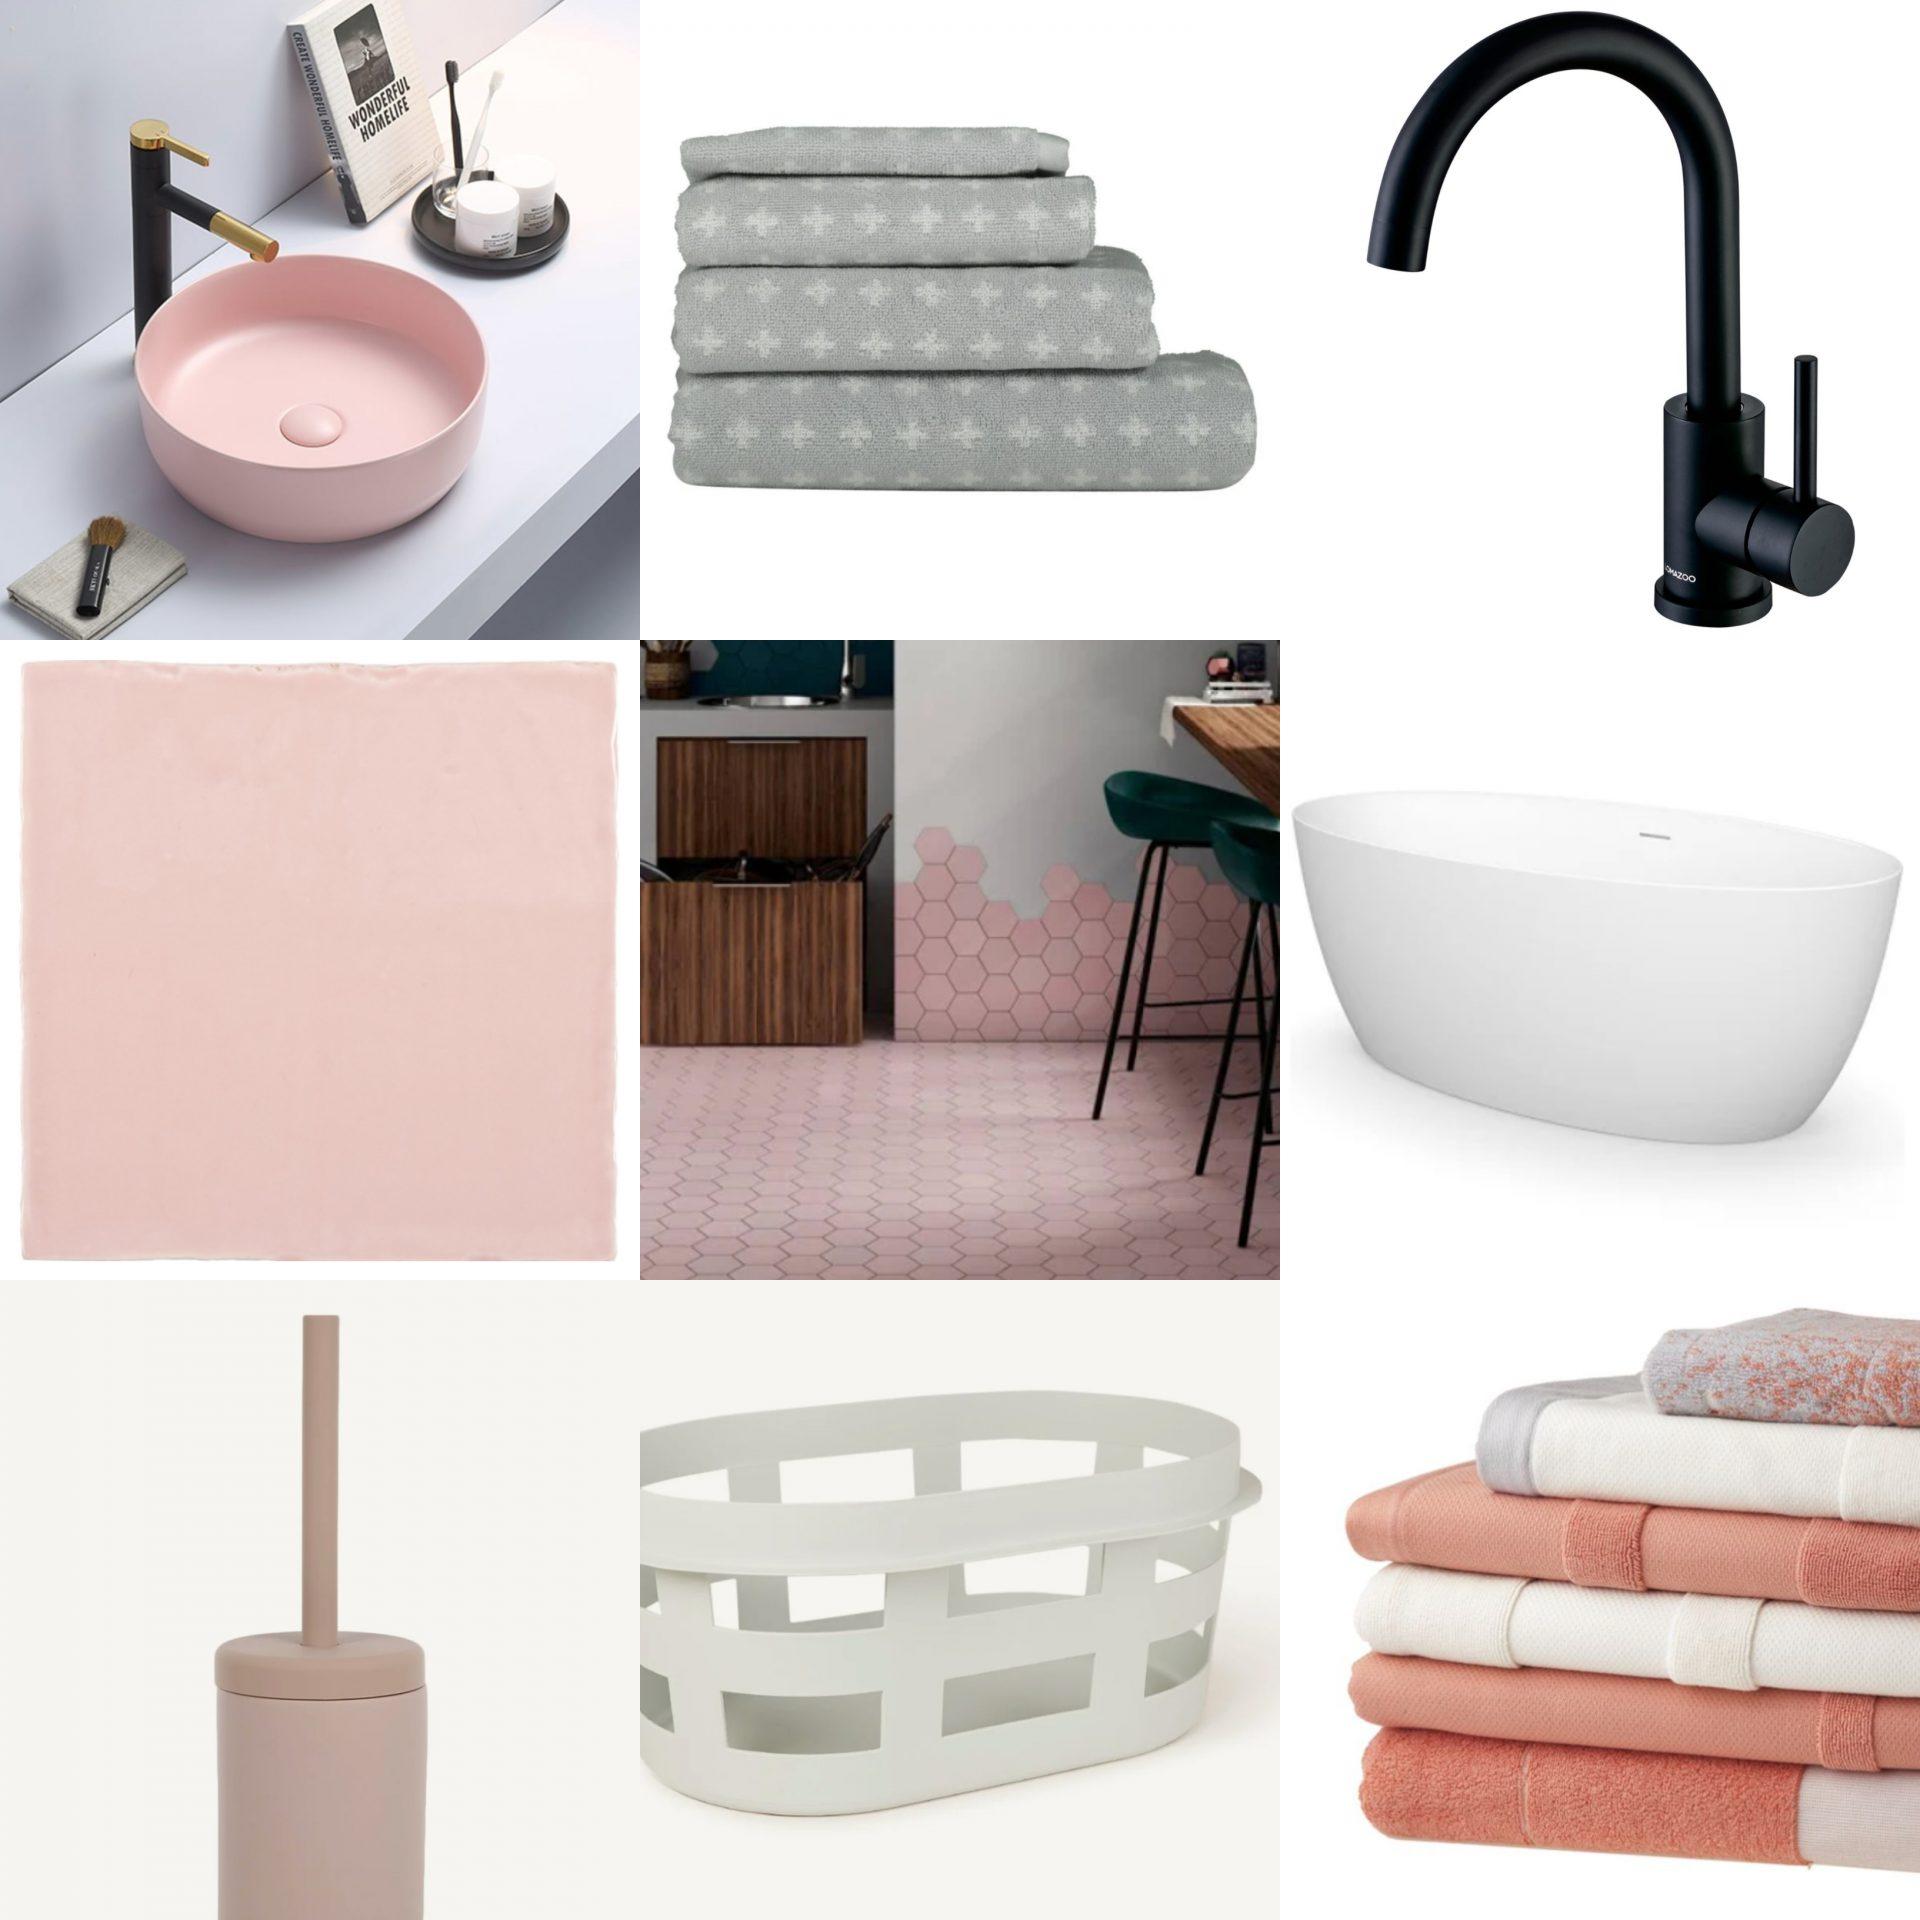 roze-badkamer-inspiratie-shoptips2-1